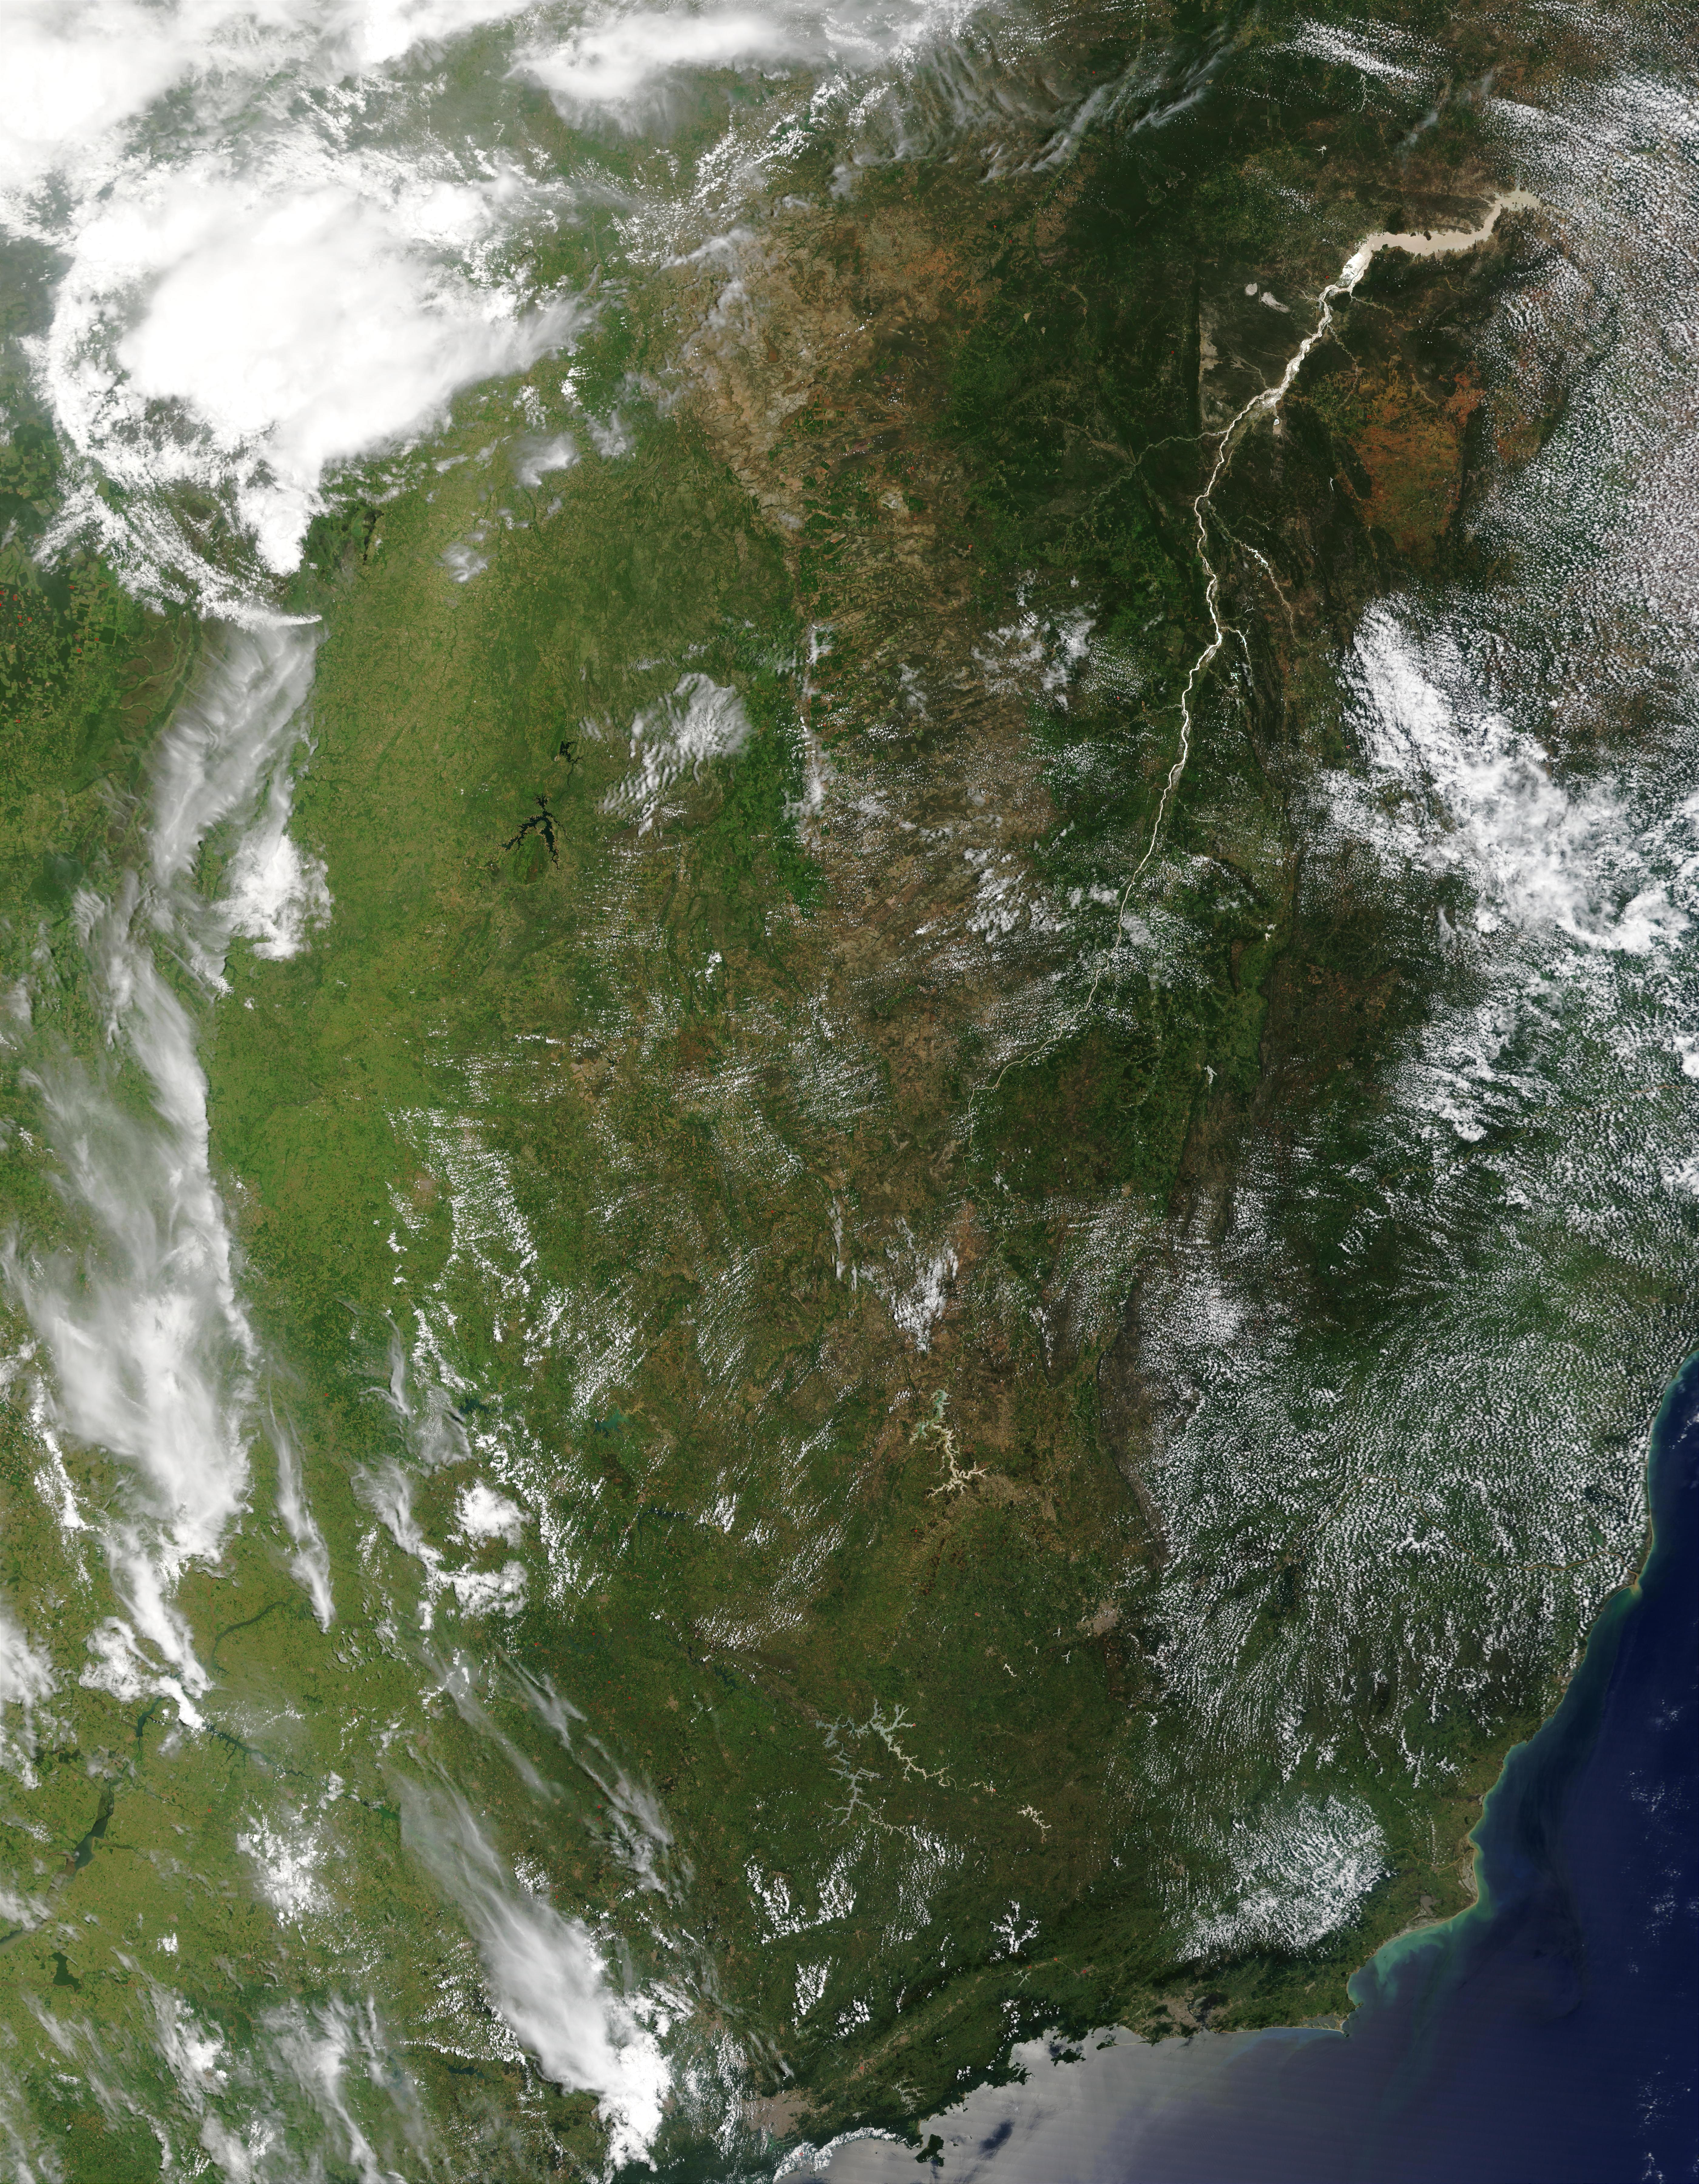 Southeastern Brazil